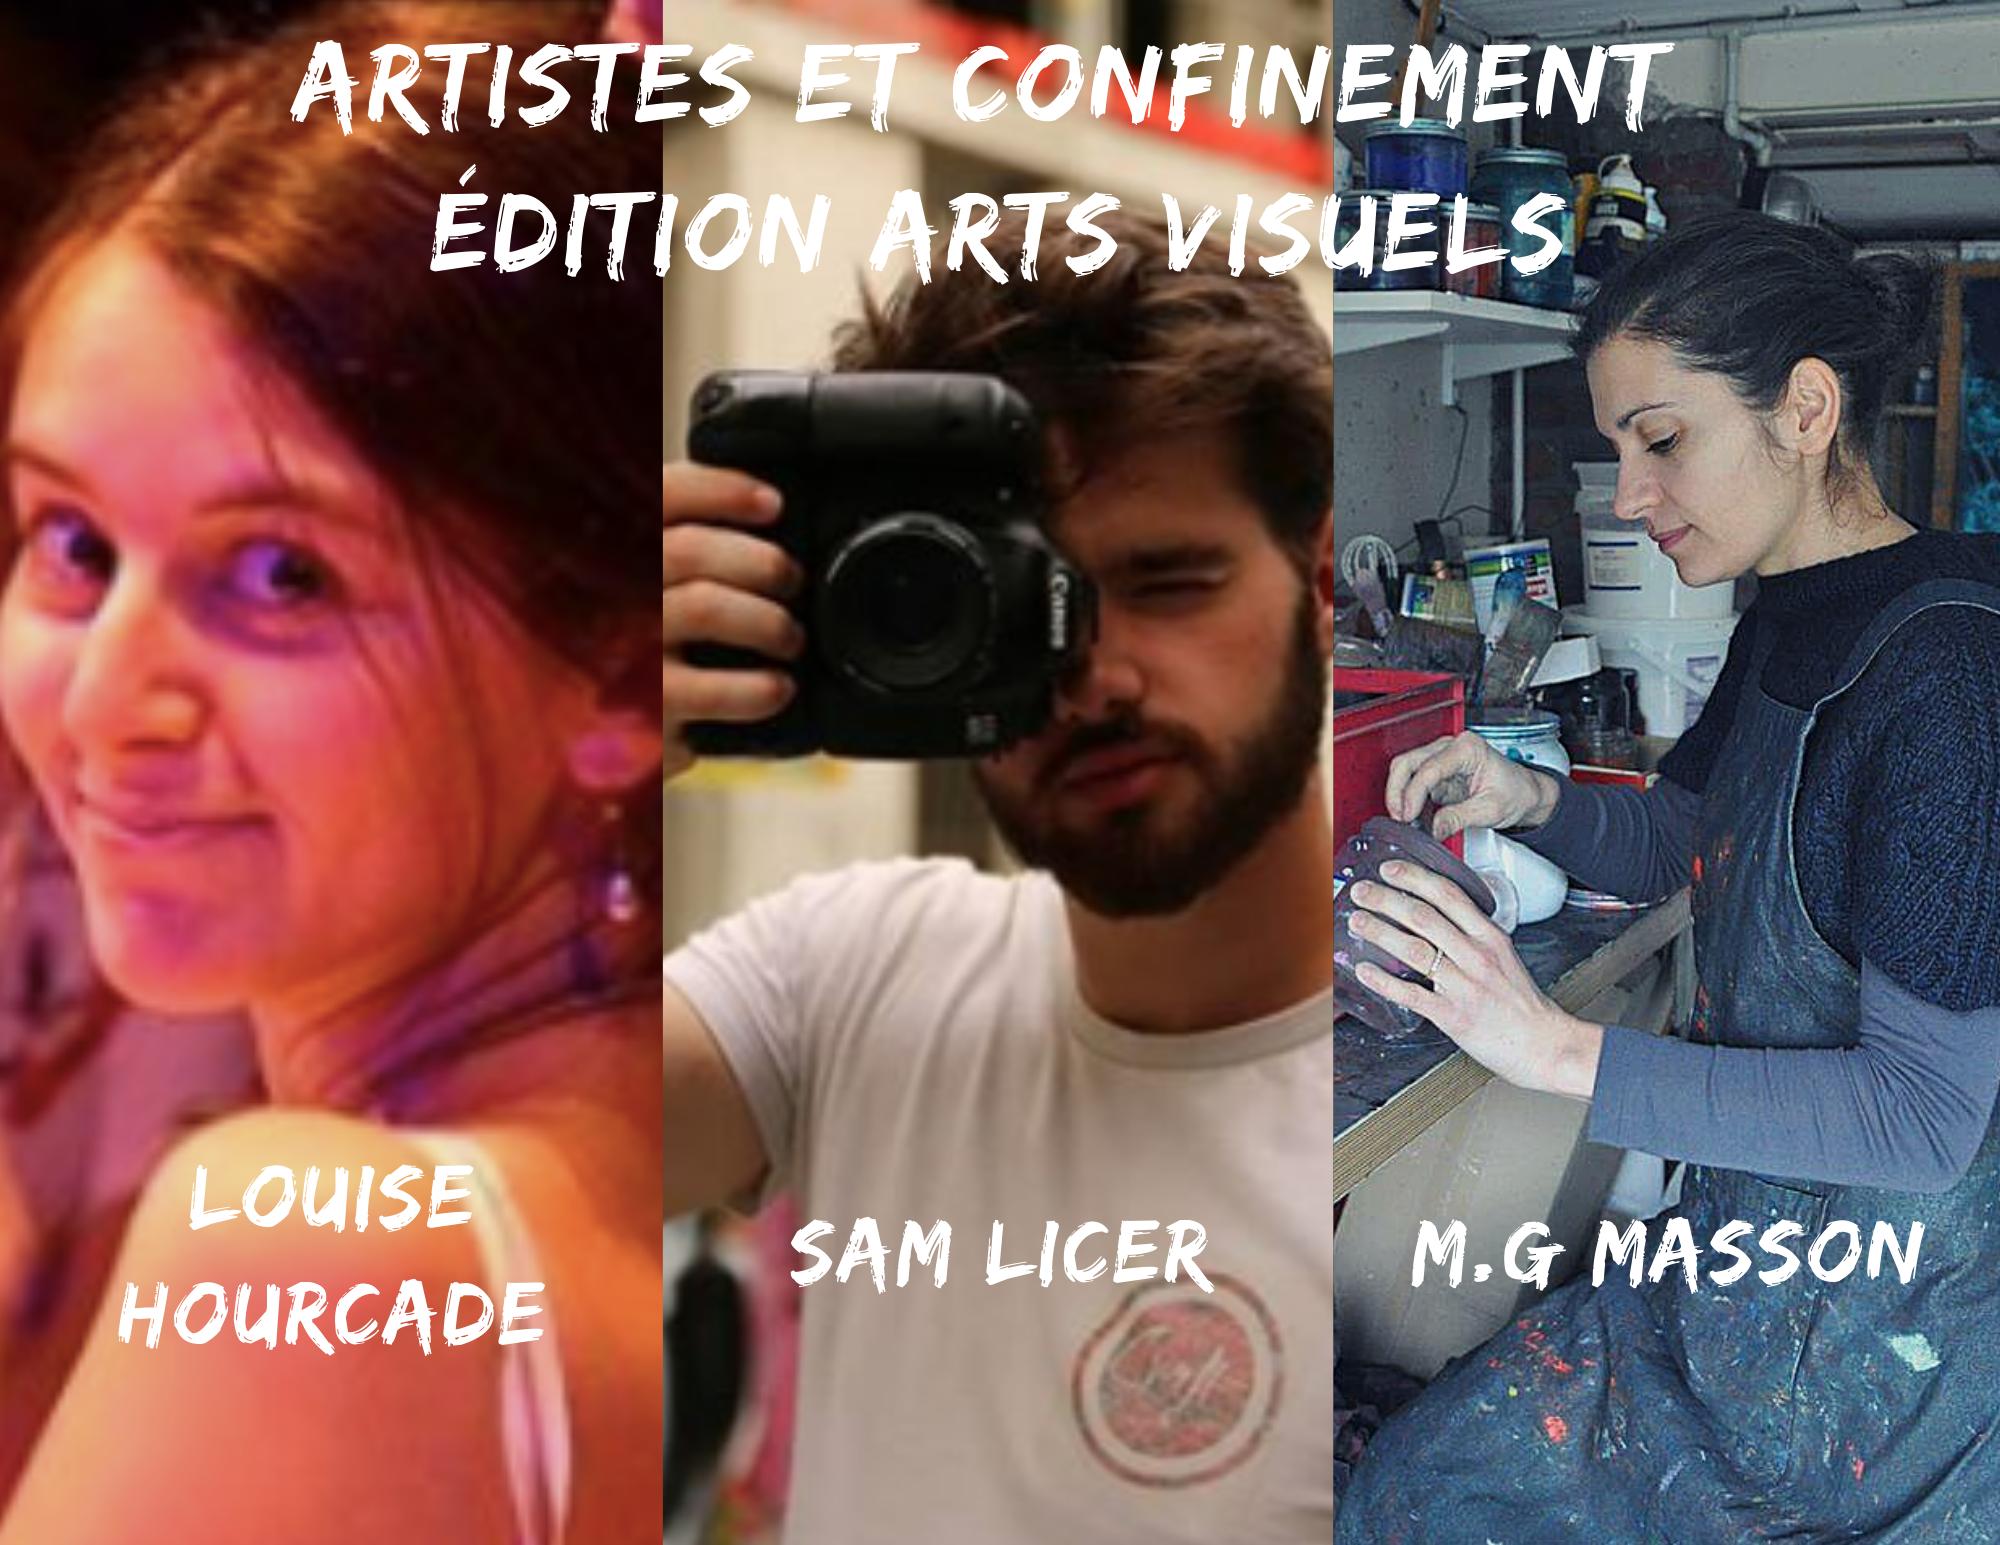 Artistes et confinement #3 Arts visuels